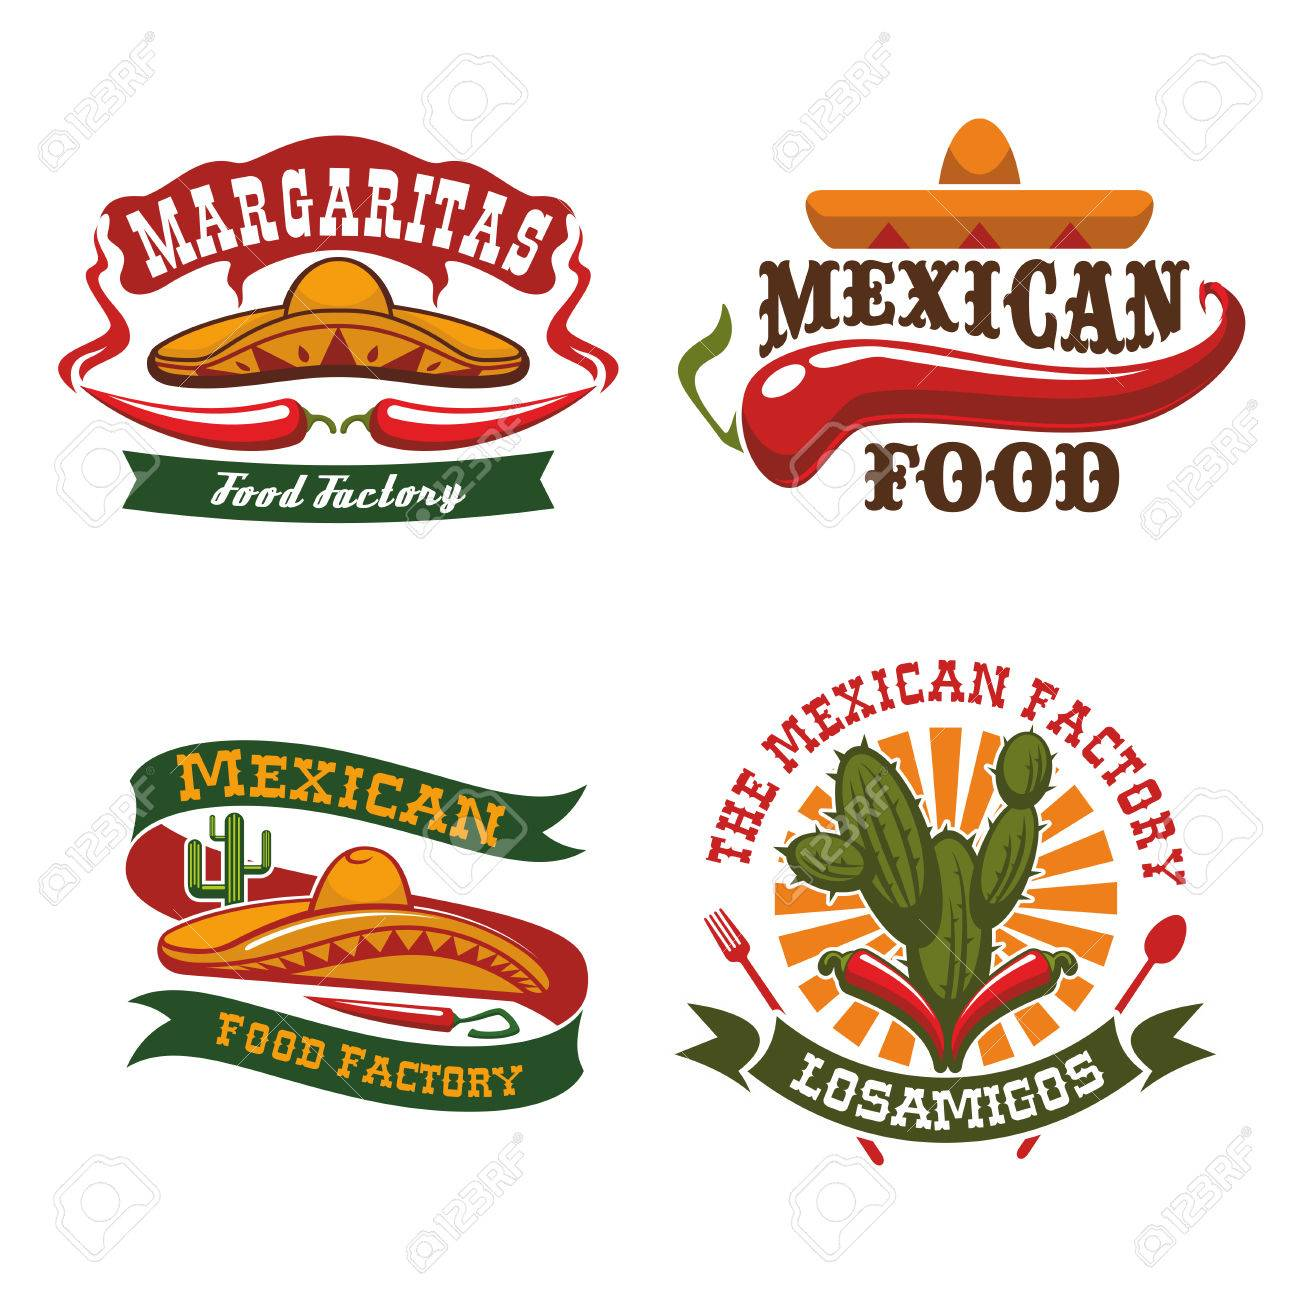 3a28b0aeaed54 Foto de archivo - Iconos de cocina mexicana sombrero de sombrero